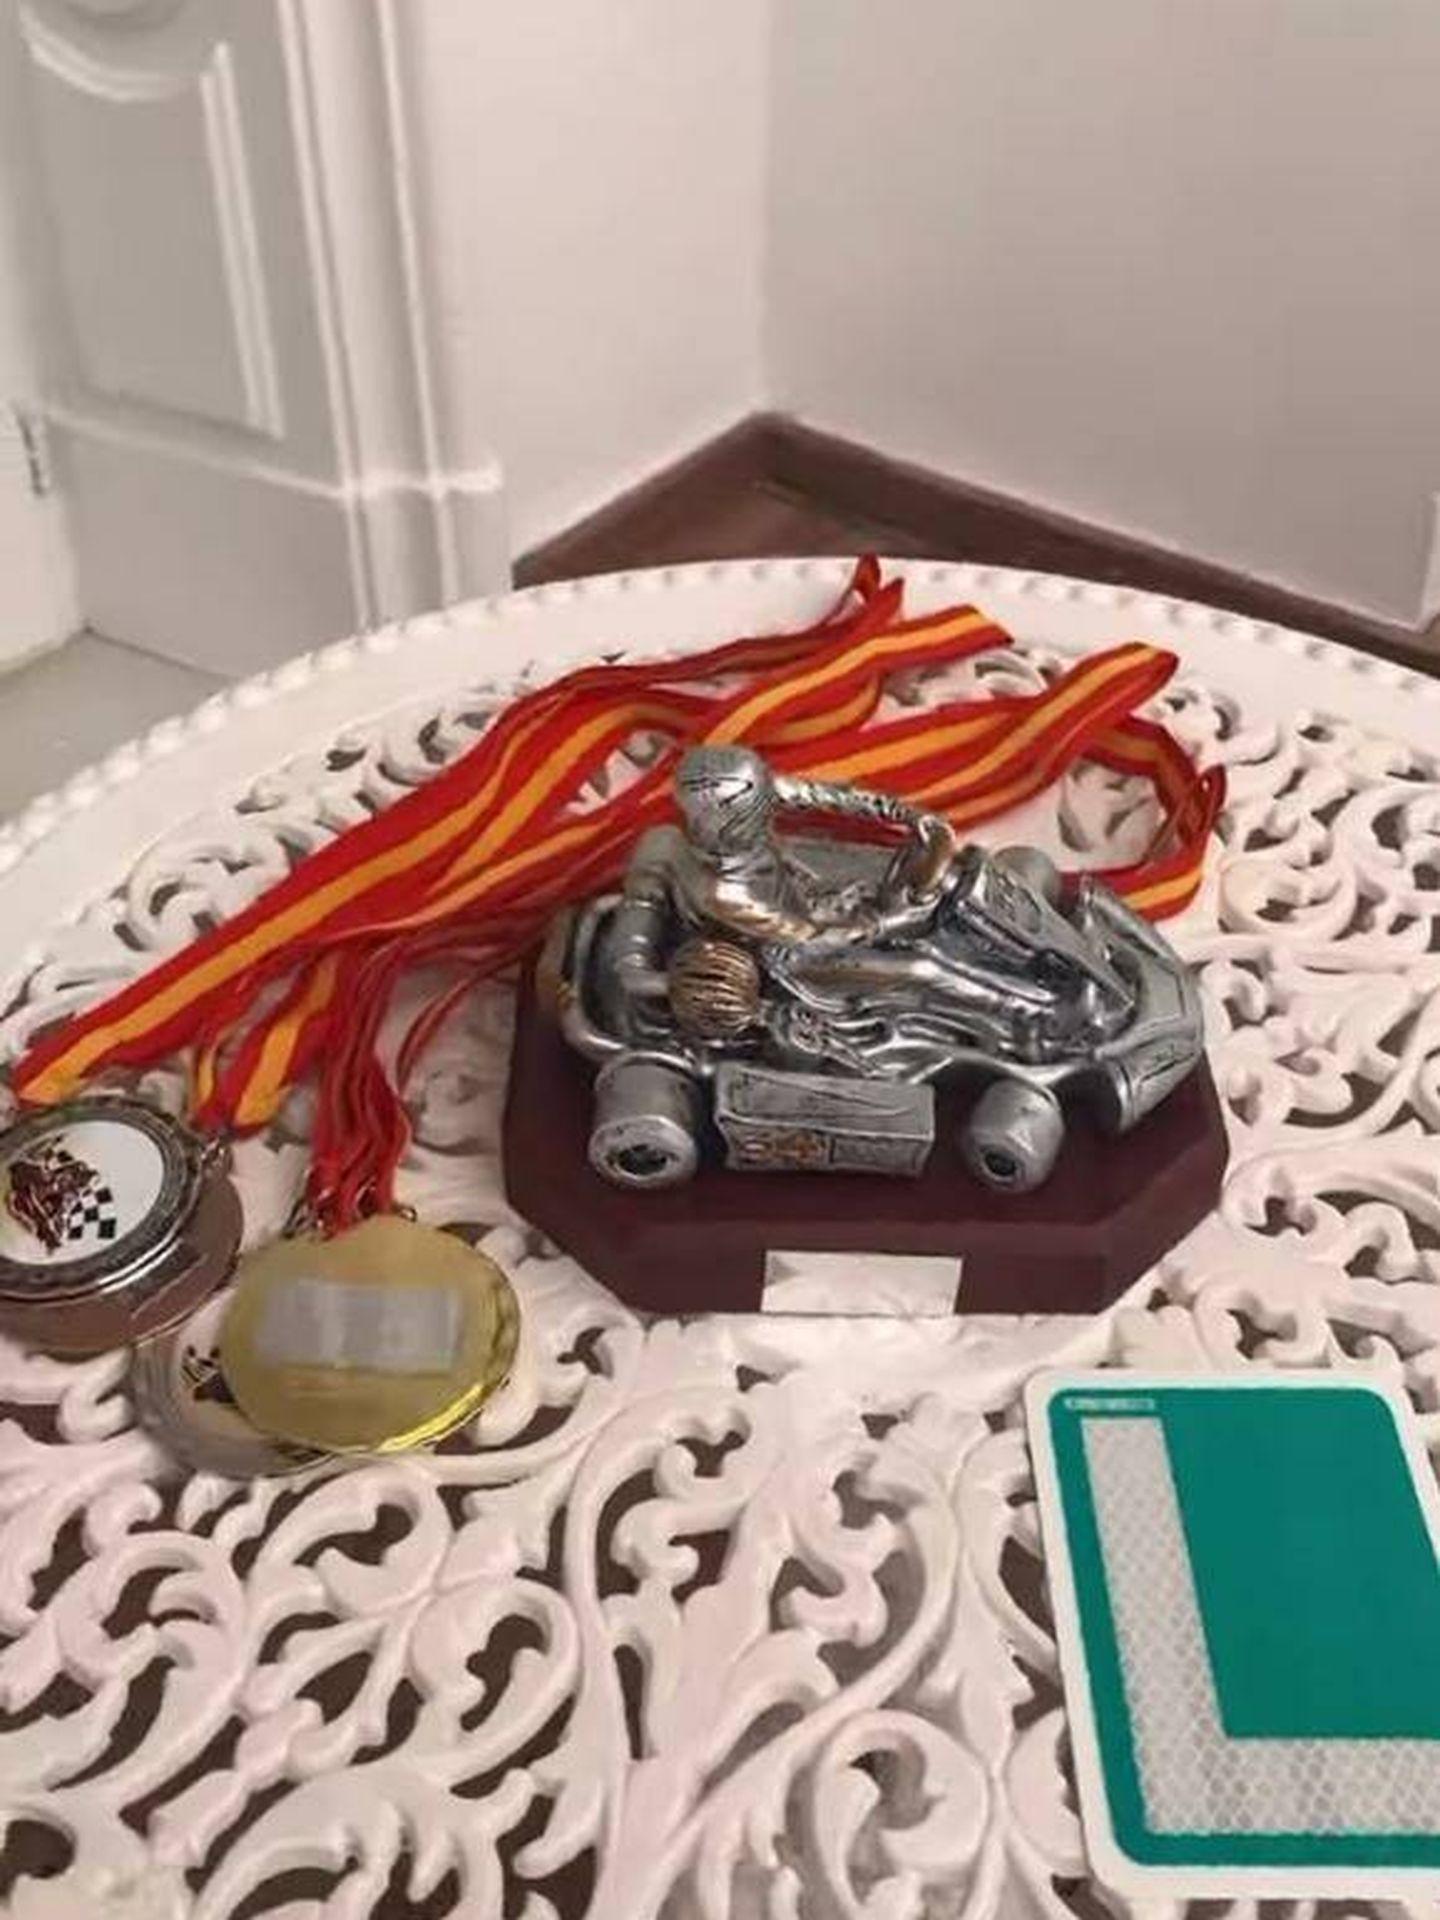 Trofeos para el torneo de kart. (@luciabarcena)